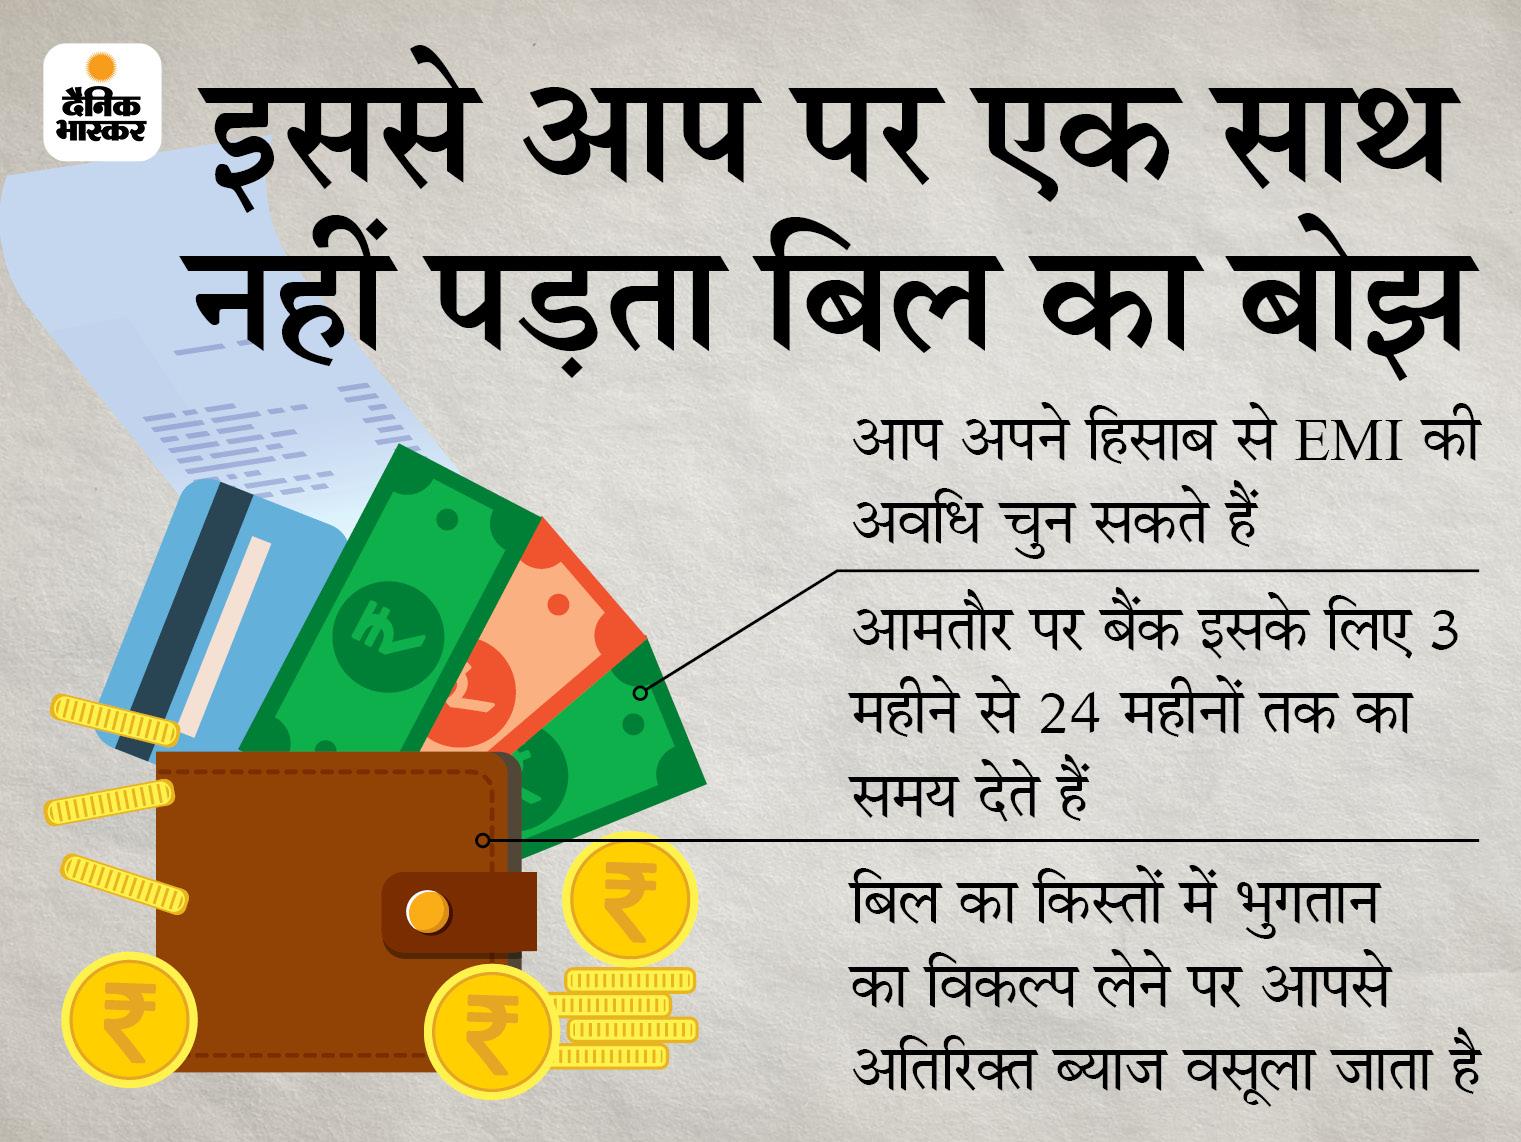 कोरोना काल में क्रेडिट कार्ड का बिल भरने में हो रही है परेशानी, तो EMI के जरिए कर सकते हैं पेमेंट, यहां जानें इसका पूरा गणित बिजनेस,Business - Dainik Bhaskar